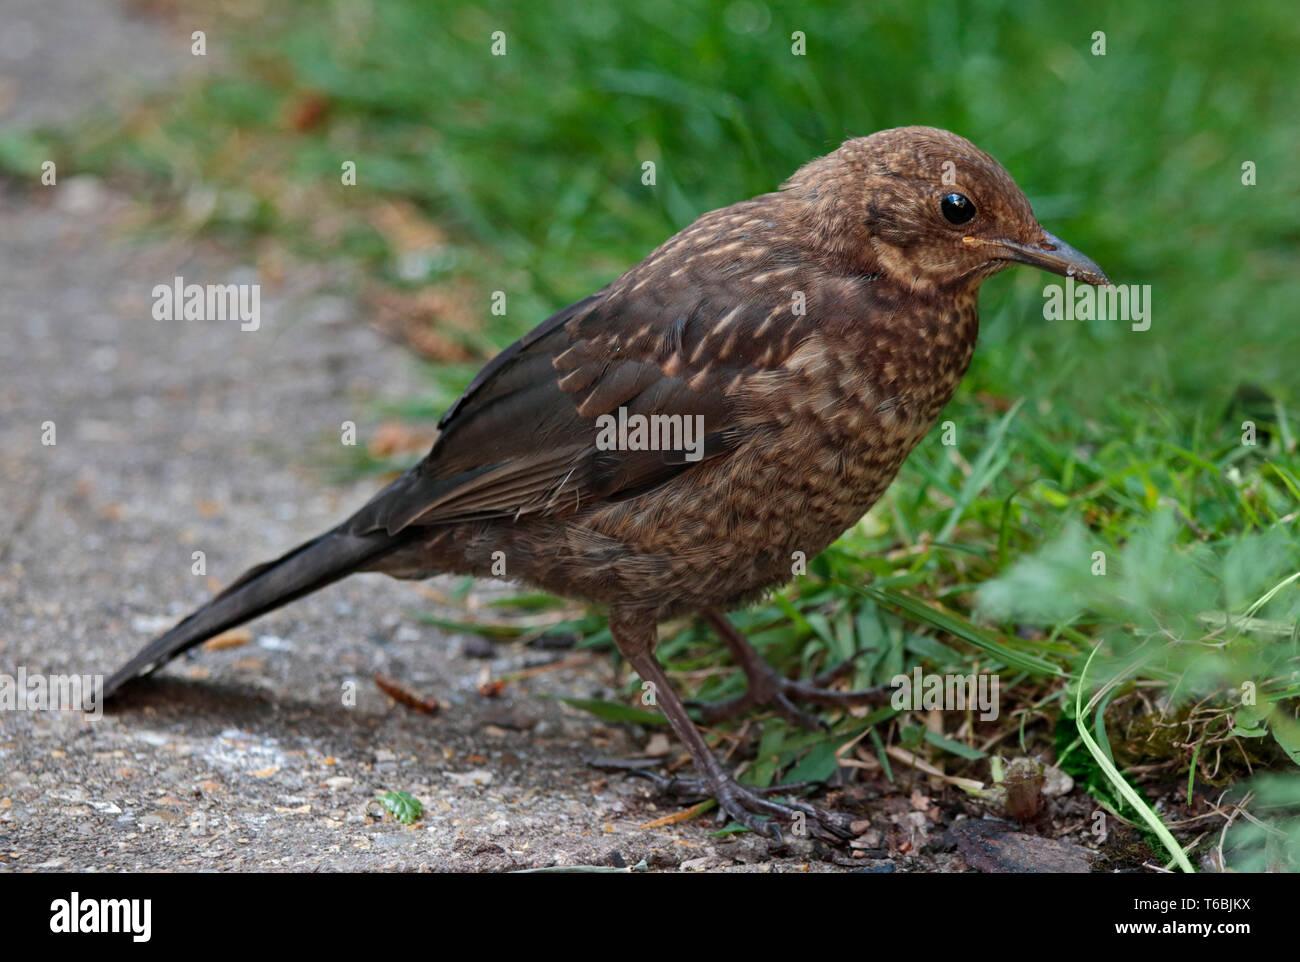 Baby Blackbird Stock Photos & Baby Blackbird Stock Images